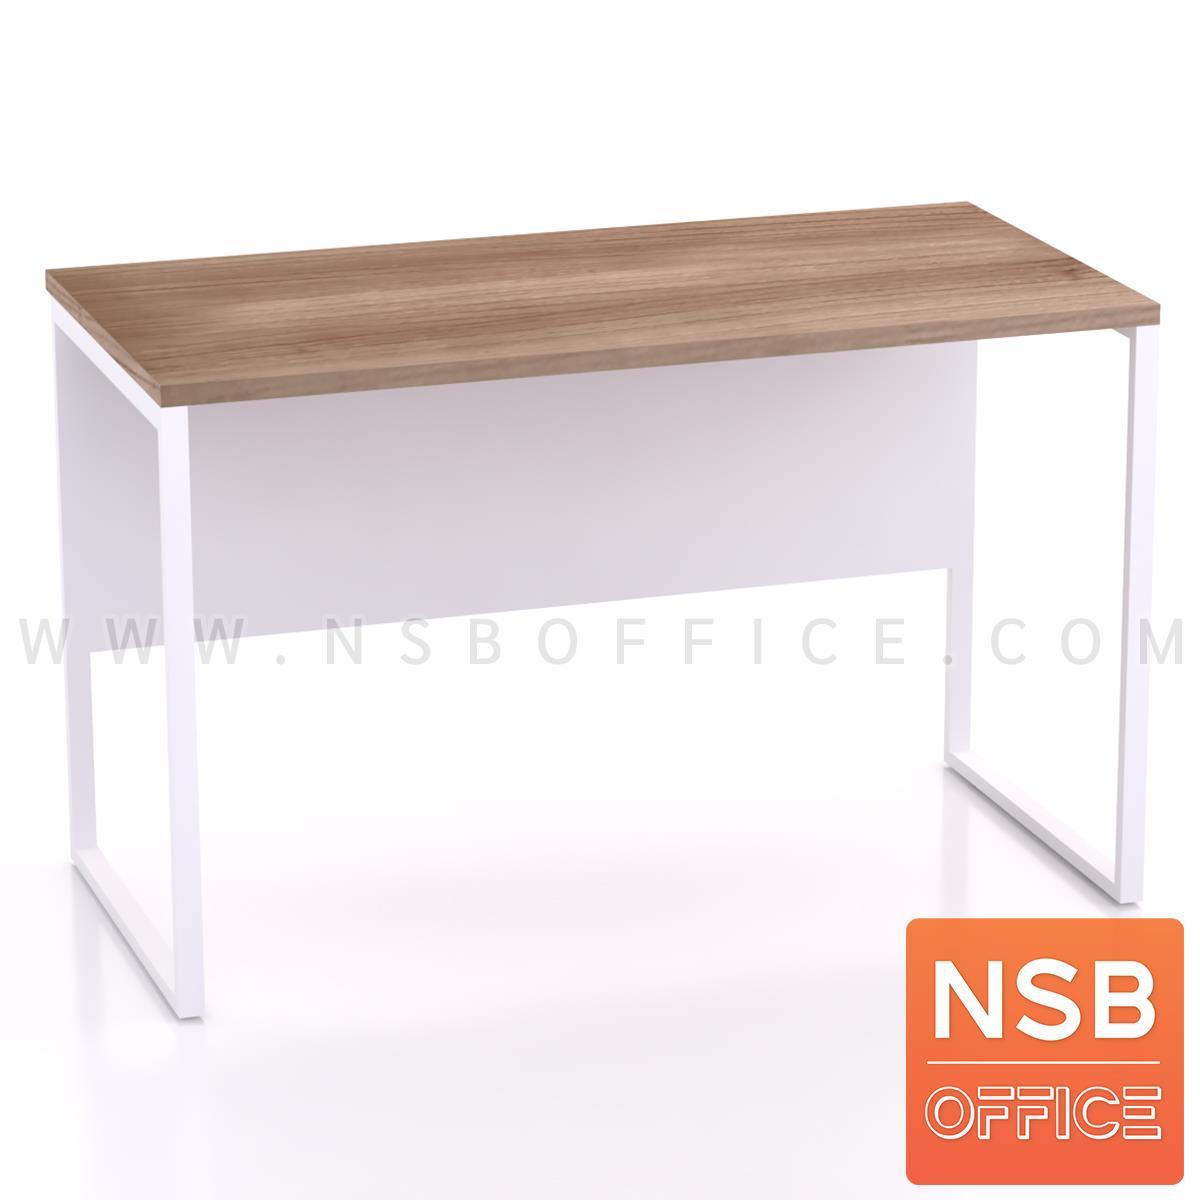 A18A037:โต๊ะทำงานทรงสี่เหลี่ยม รุ่น Moschino (มอสคิโน่) ขนาด 80W ,120W ,135W, 150W ,160W cm. ขาเหล็กกล่องพ่นสี